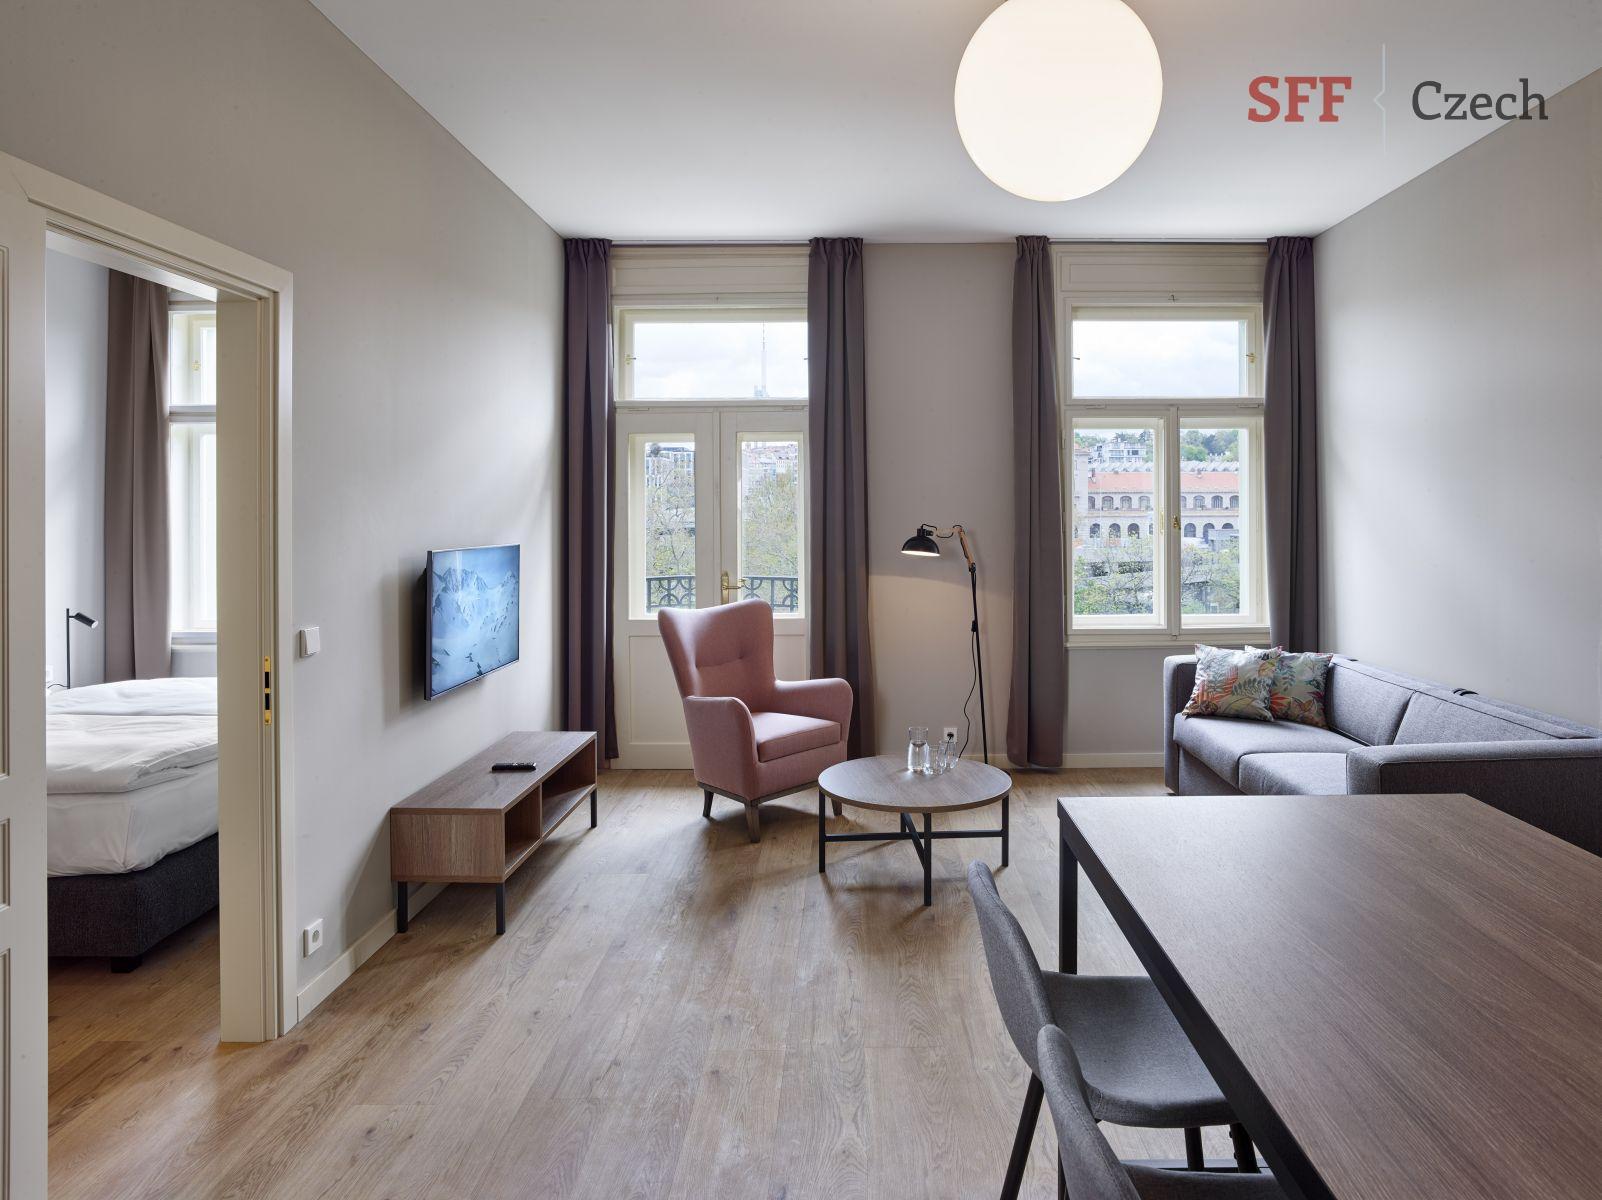 Luxusní byt 2+kk plně vybavený k pronájmu v centru Prahy Opletalova Praha 1